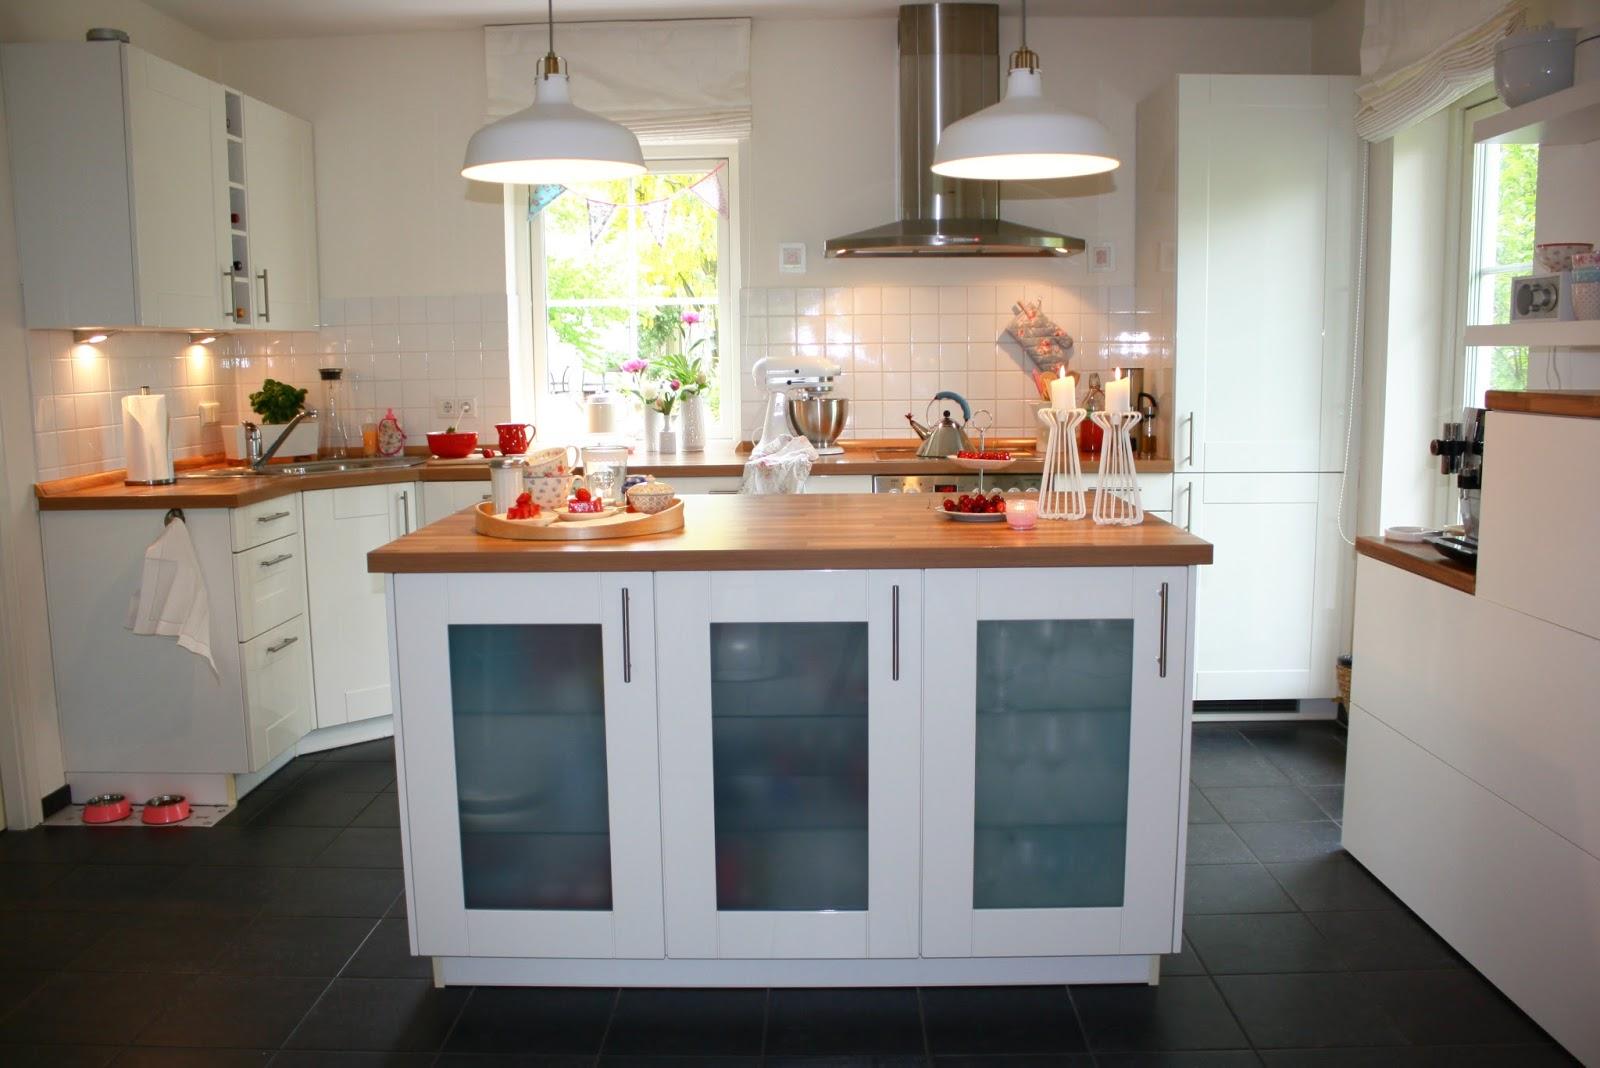 schweden k che schwedischer landhausstil fur die kuche hardeck blog schwedische kuchenmobel. Black Bedroom Furniture Sets. Home Design Ideas